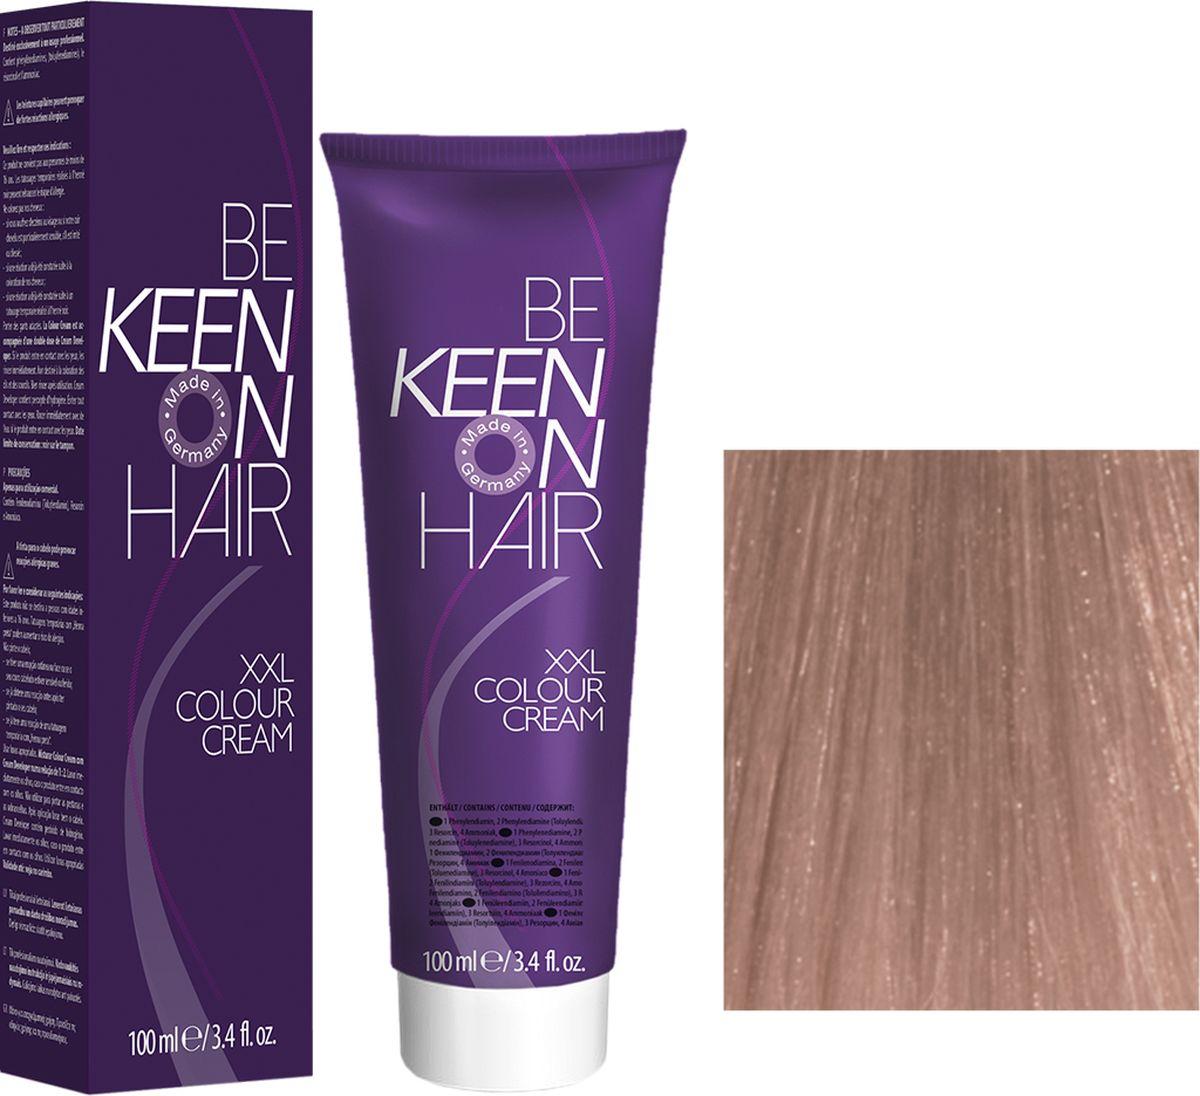 Keen Краска для волос 10.65 Шардоне Chardonnay, 100 мл69100100Модные оттенкиБолее 100 оттенков для креативной комбинации цветов.ЭкономичностьПри использовании тюбика 100 мл вы получаете оптимальное соотношение цены и качества!УходМолочный белок поддерживает структуру волоса во время окрашивания и придает волосам блеск и шелковистость. Протеины хорошо встраиваются в волосы и снабжают их влагой.